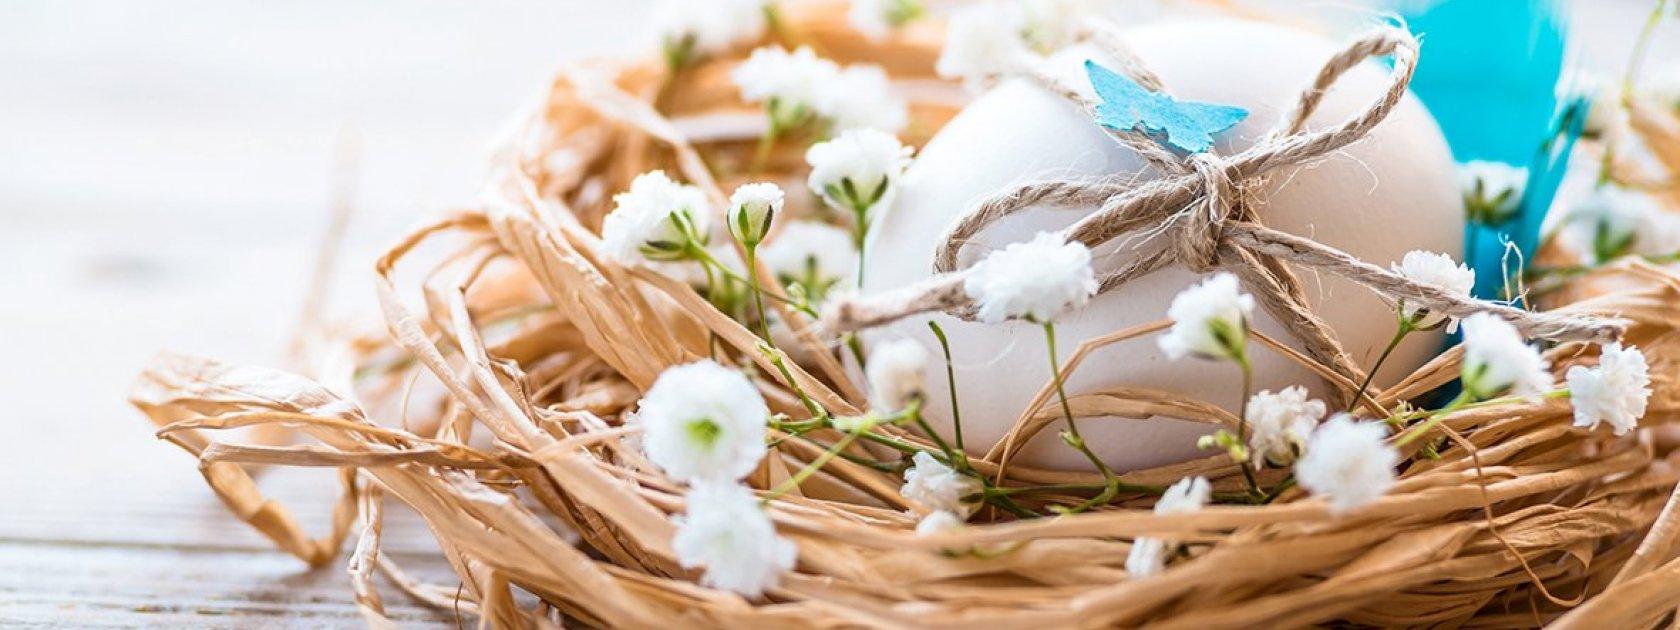 Wielkanoc - oferta elastyczna